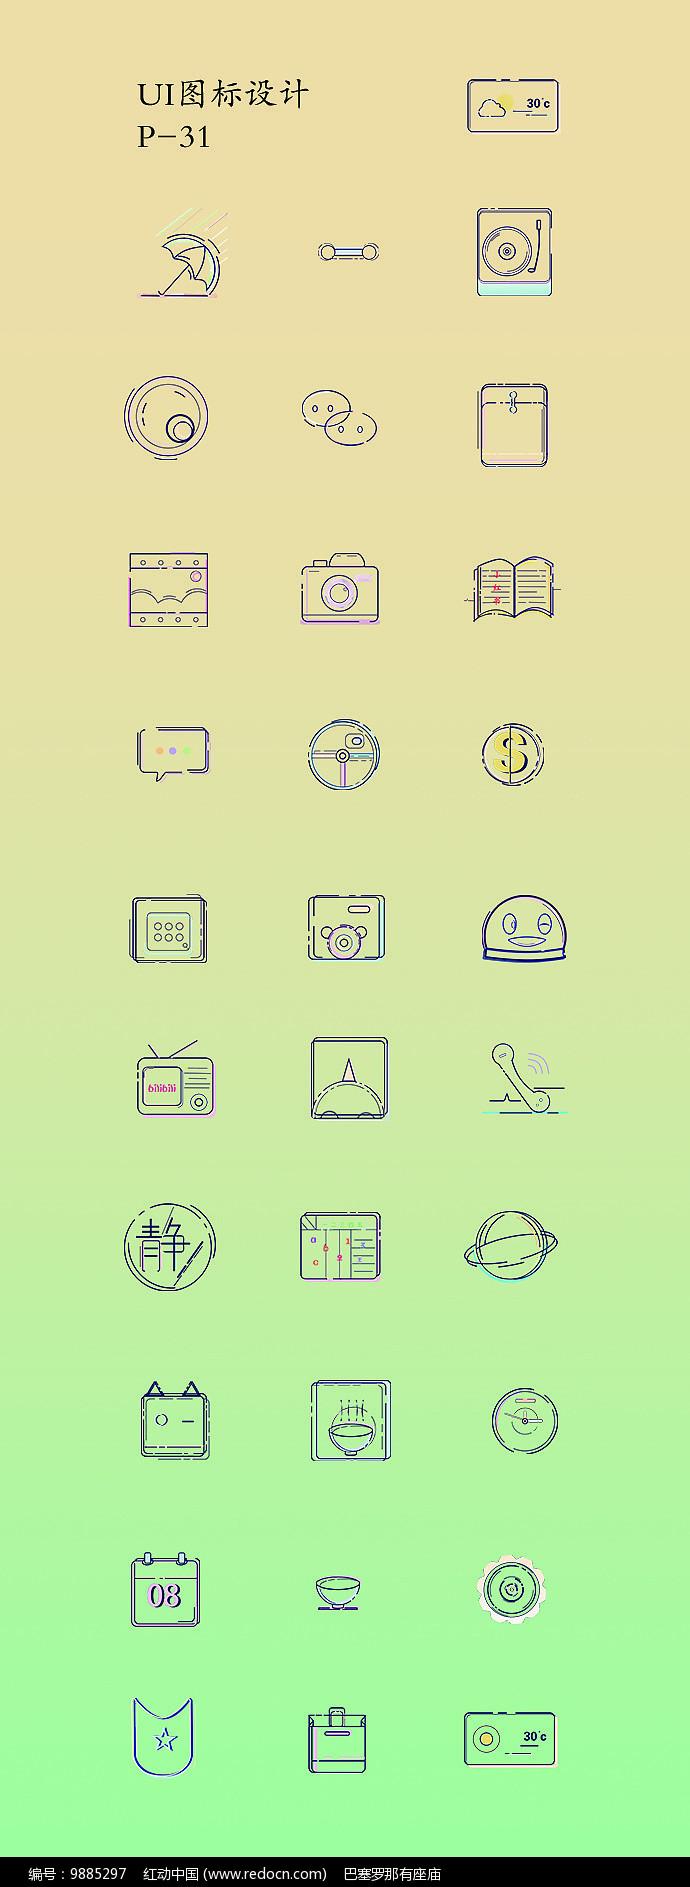 UI手机图标设计图片